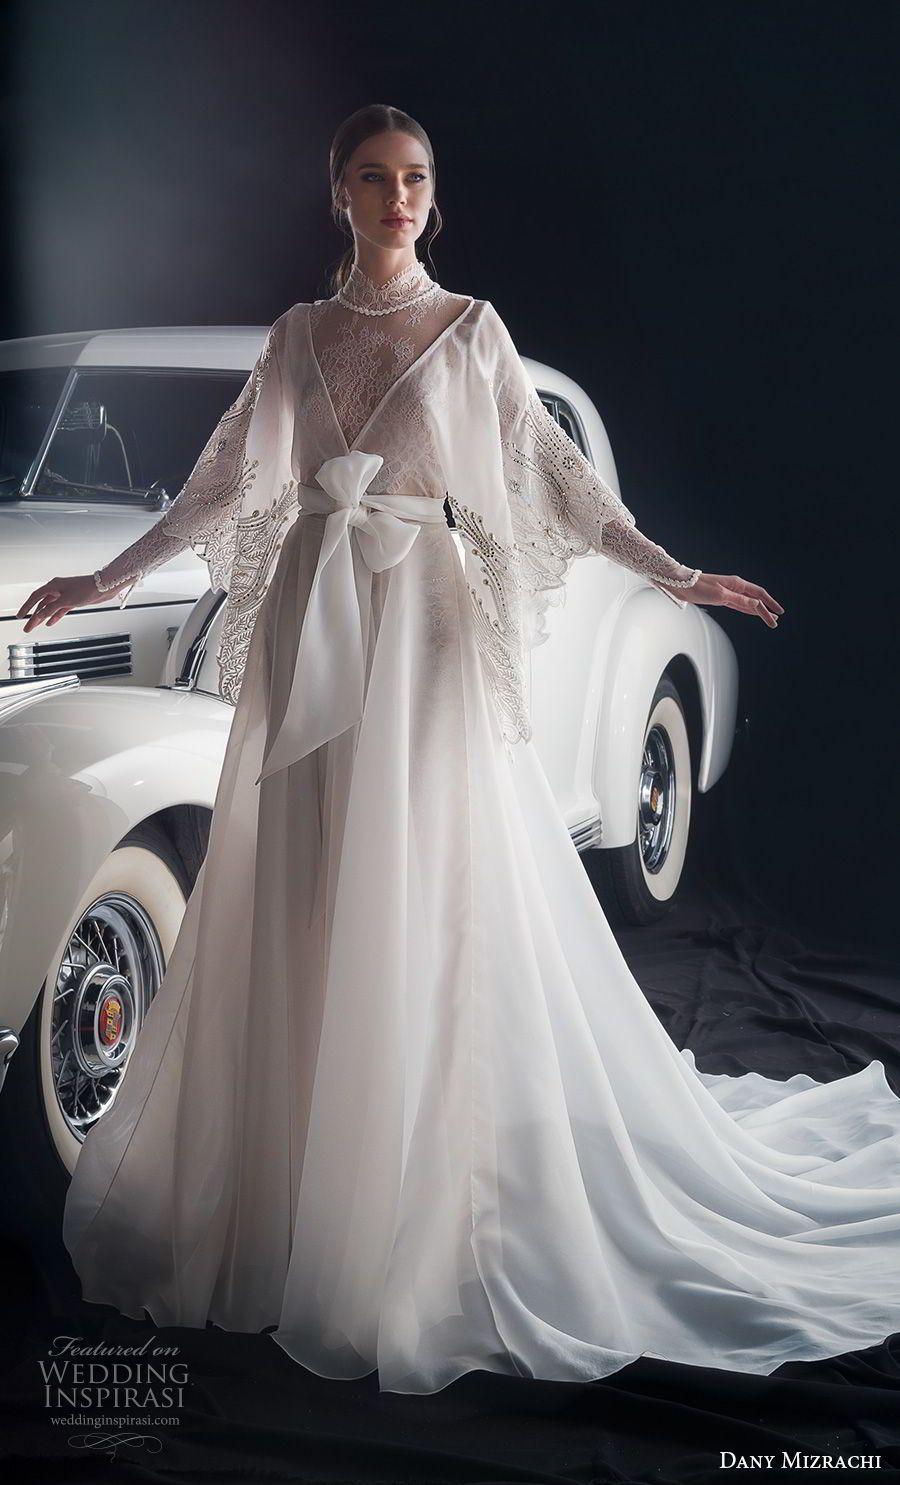 Dany mizrachi fall wedding dress wedding with wow pinterest